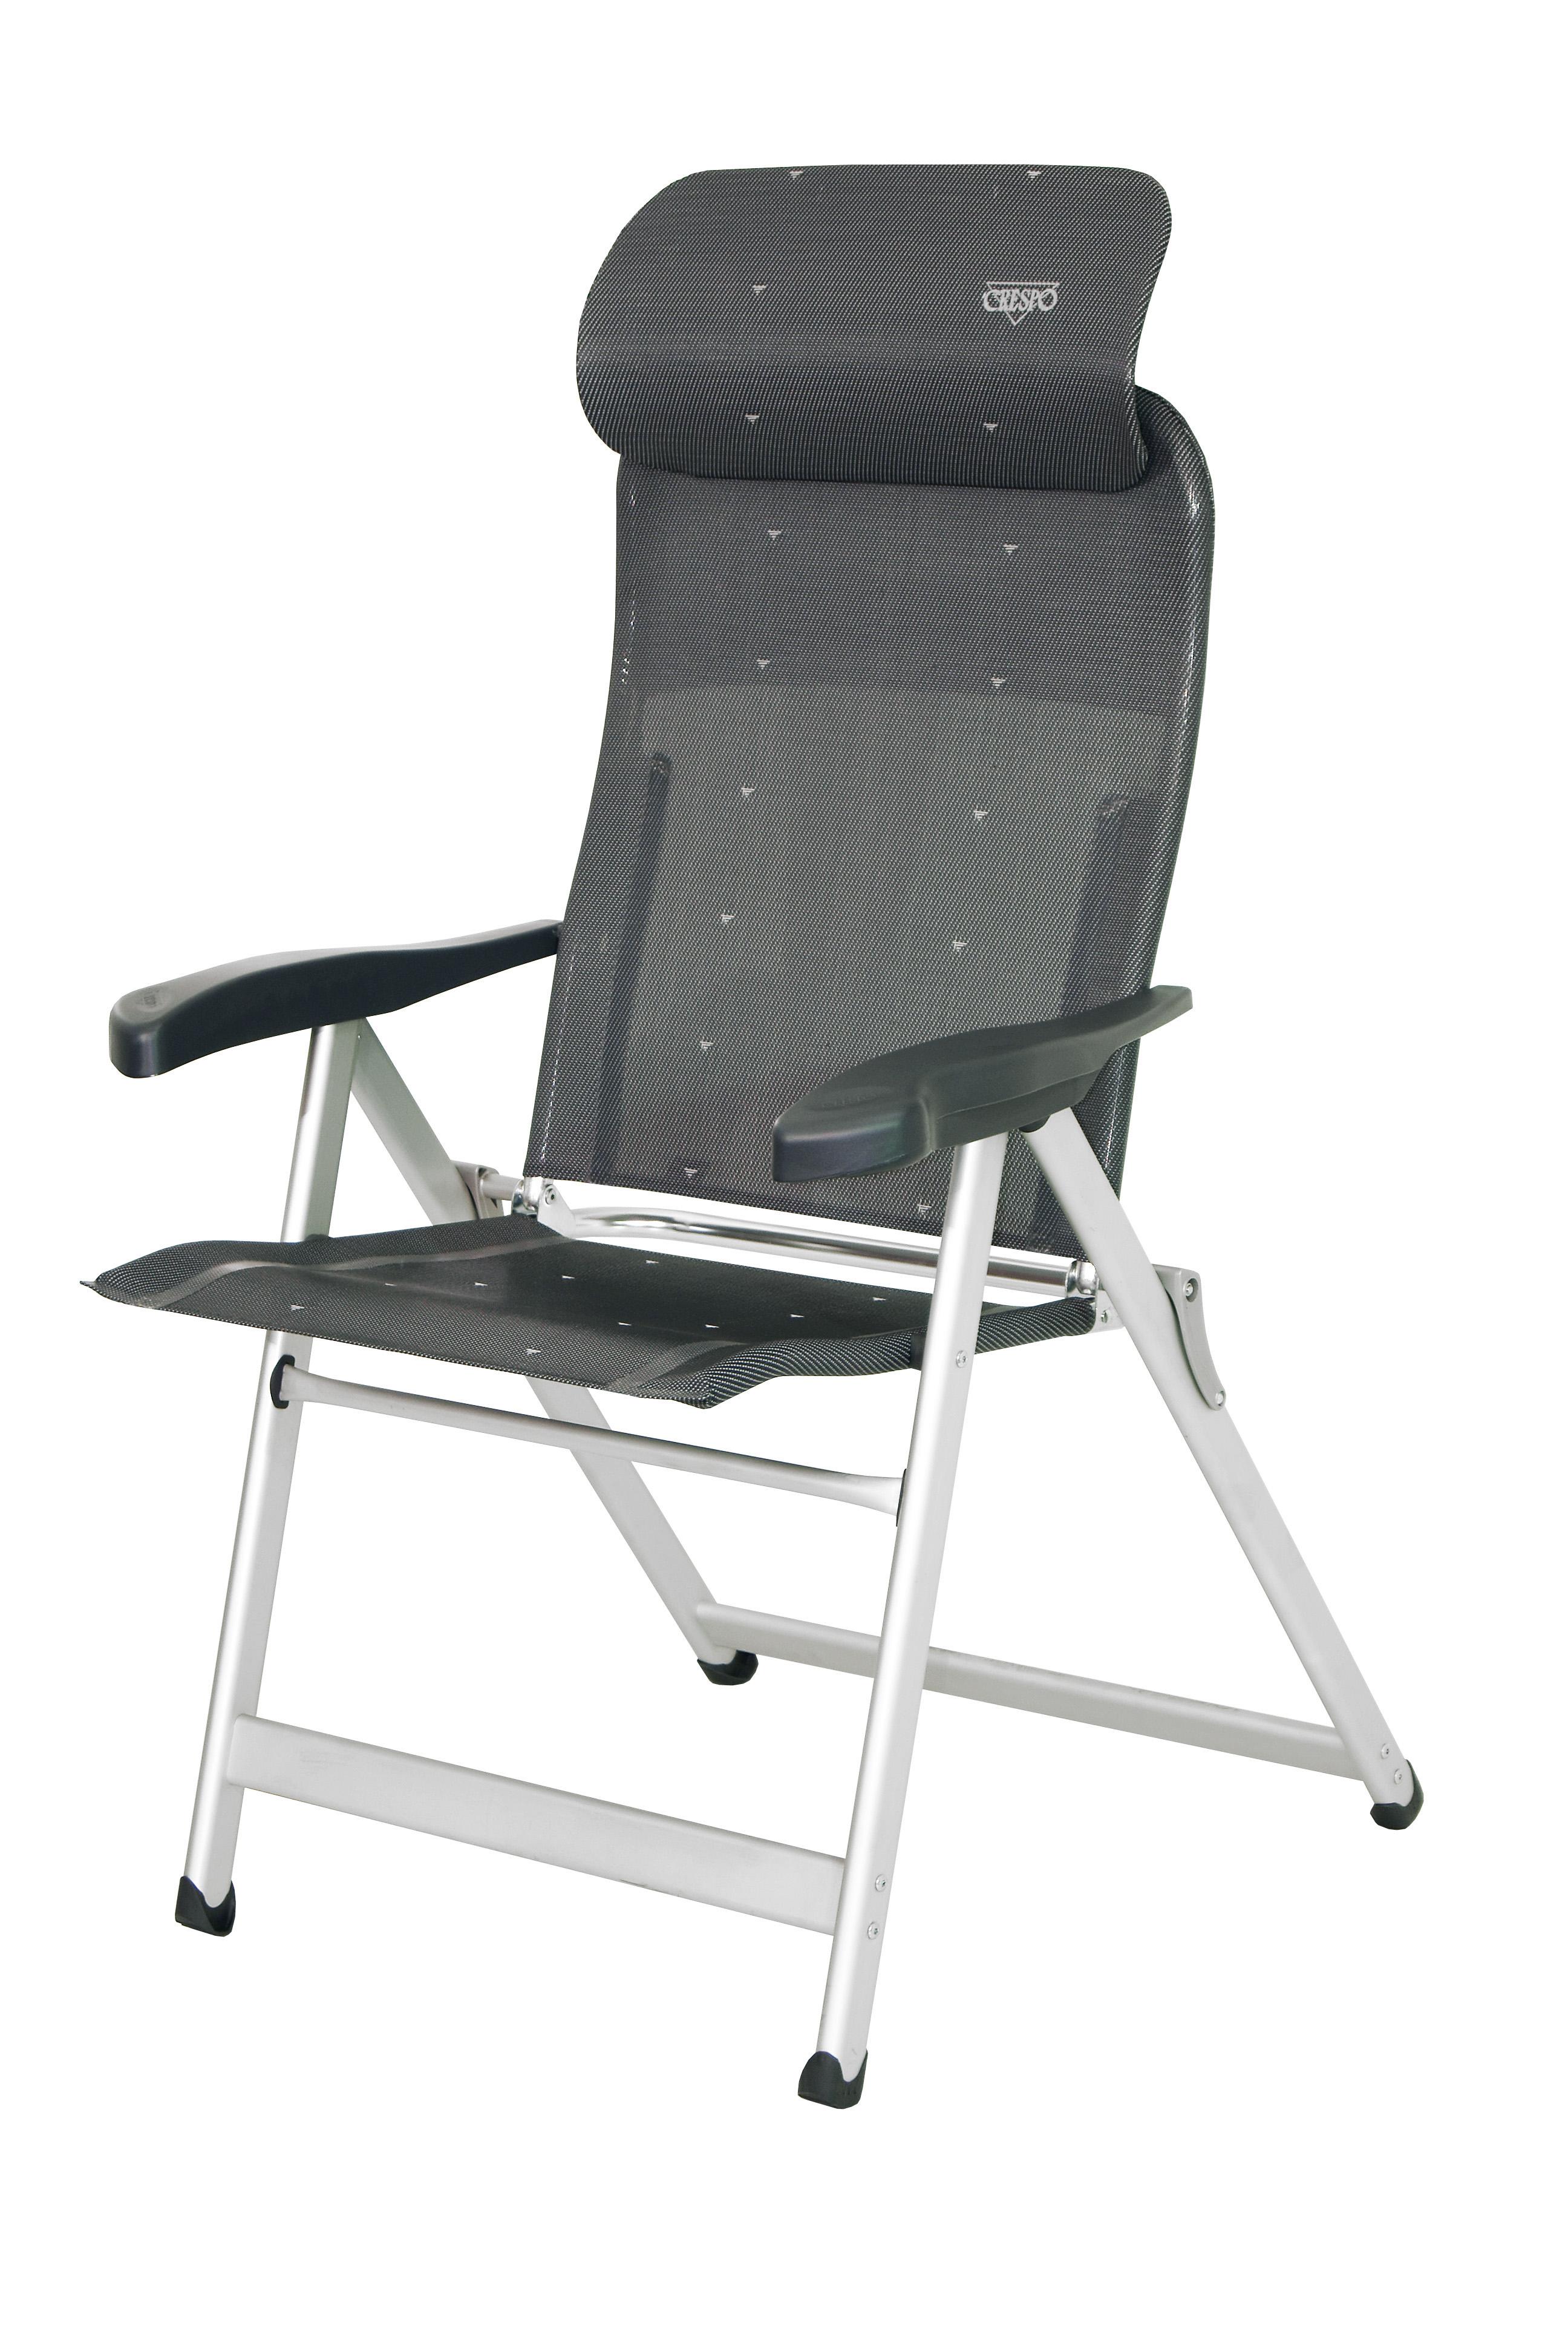 Compact de crespo desc brela el blog de crespo - Indual mobiliario ...